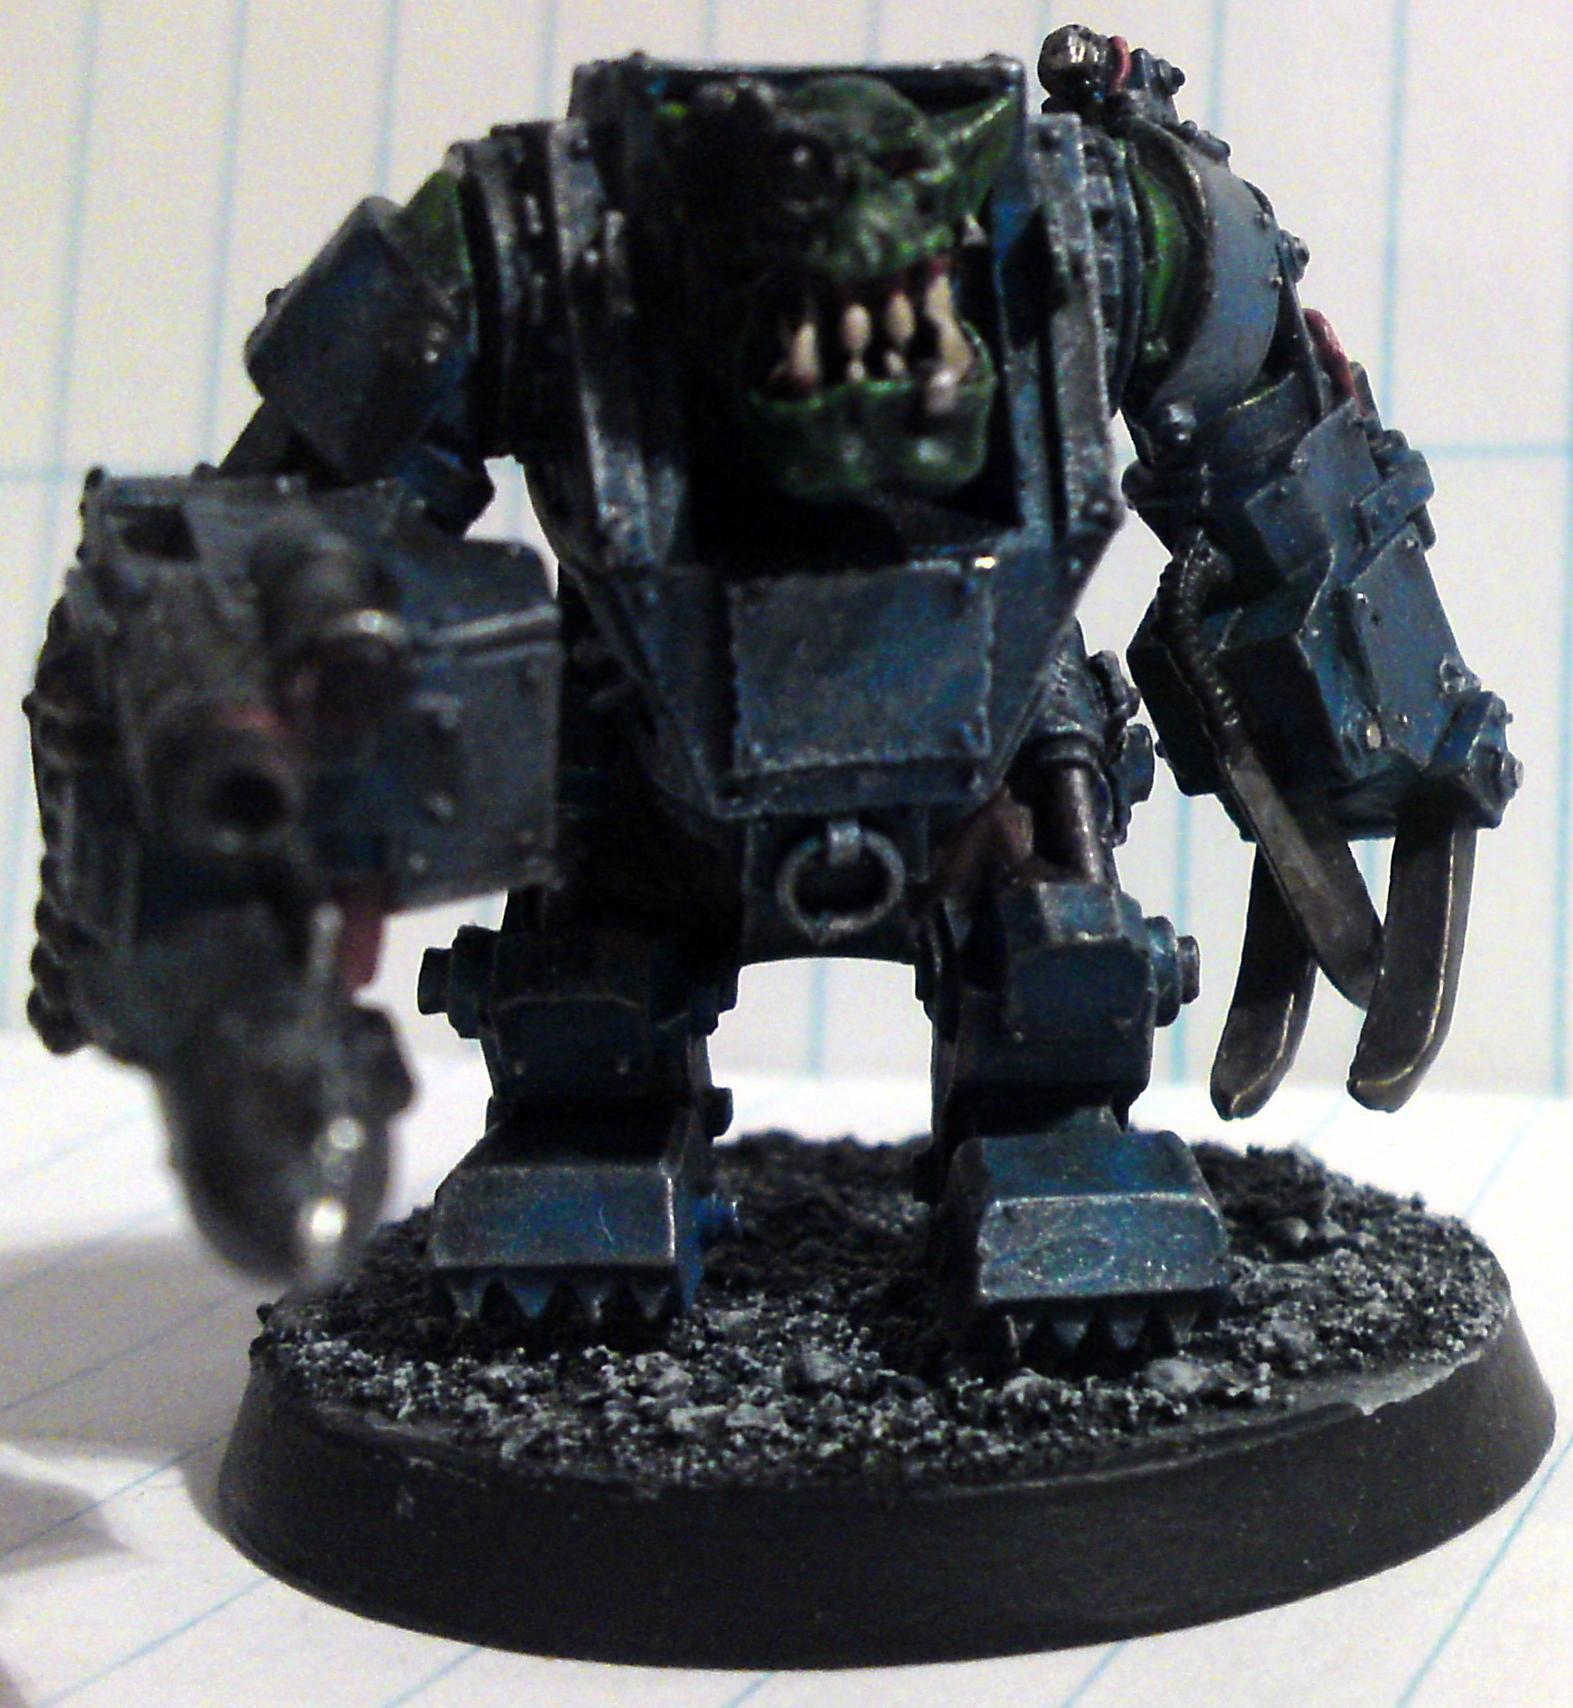 Armor, Mega, Nob. 40k, Ork Mega Nob 40k, Orks